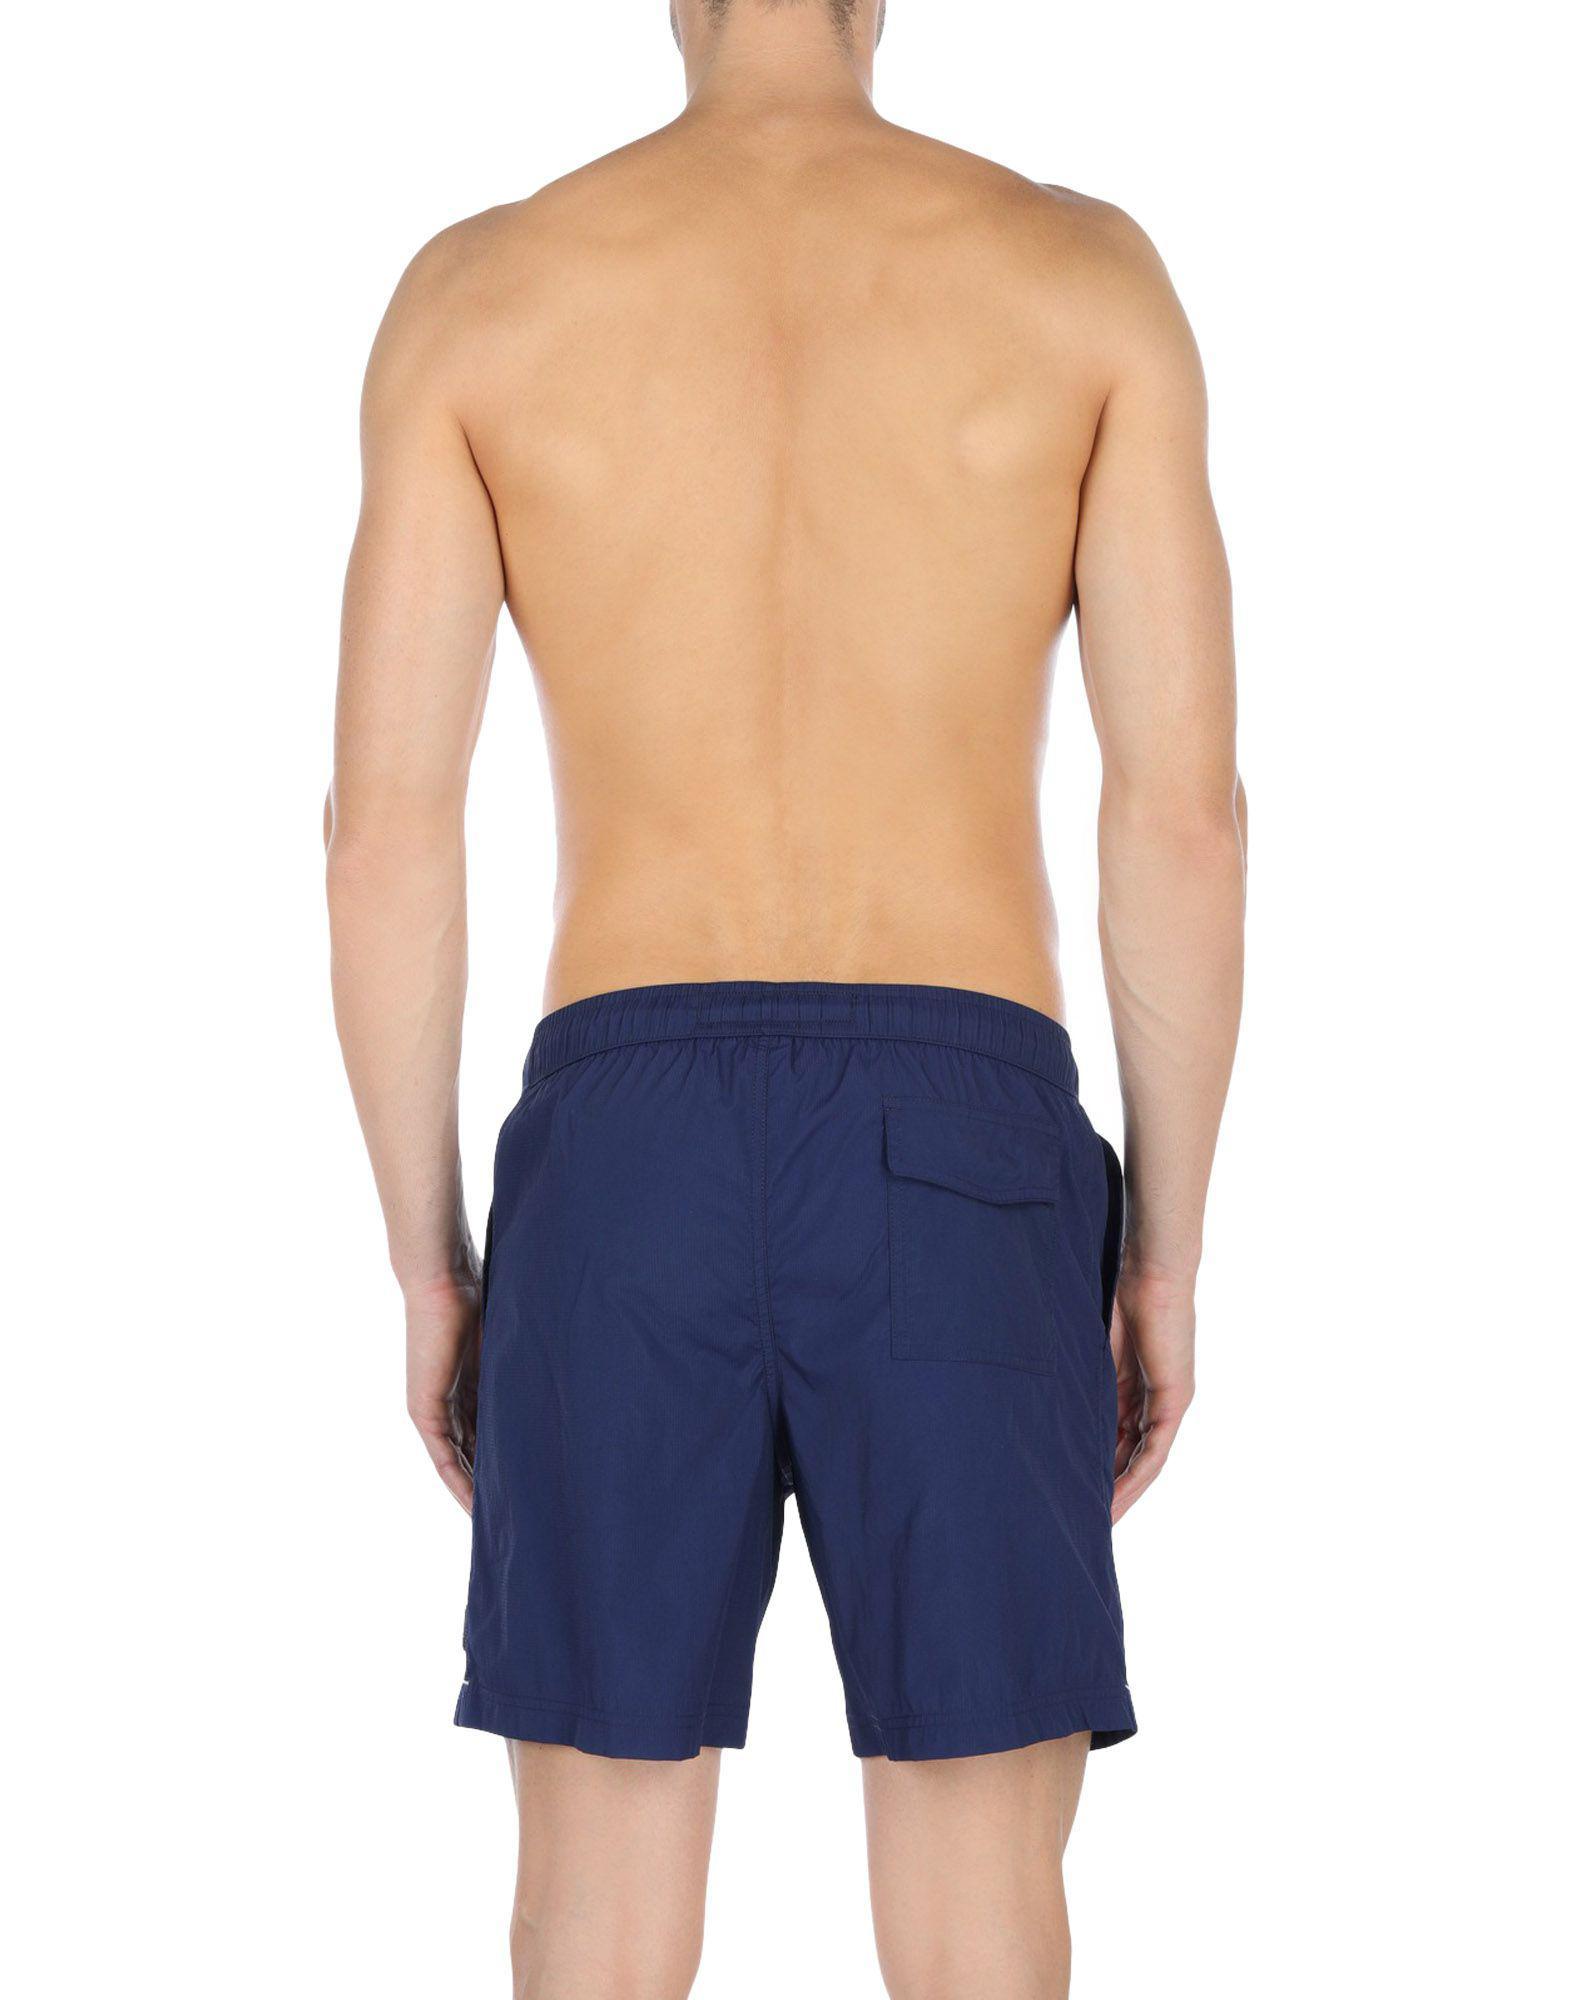 c3c15752f7 Ermenegildo Zegna Swim Trunks in Blue for Men - Lyst